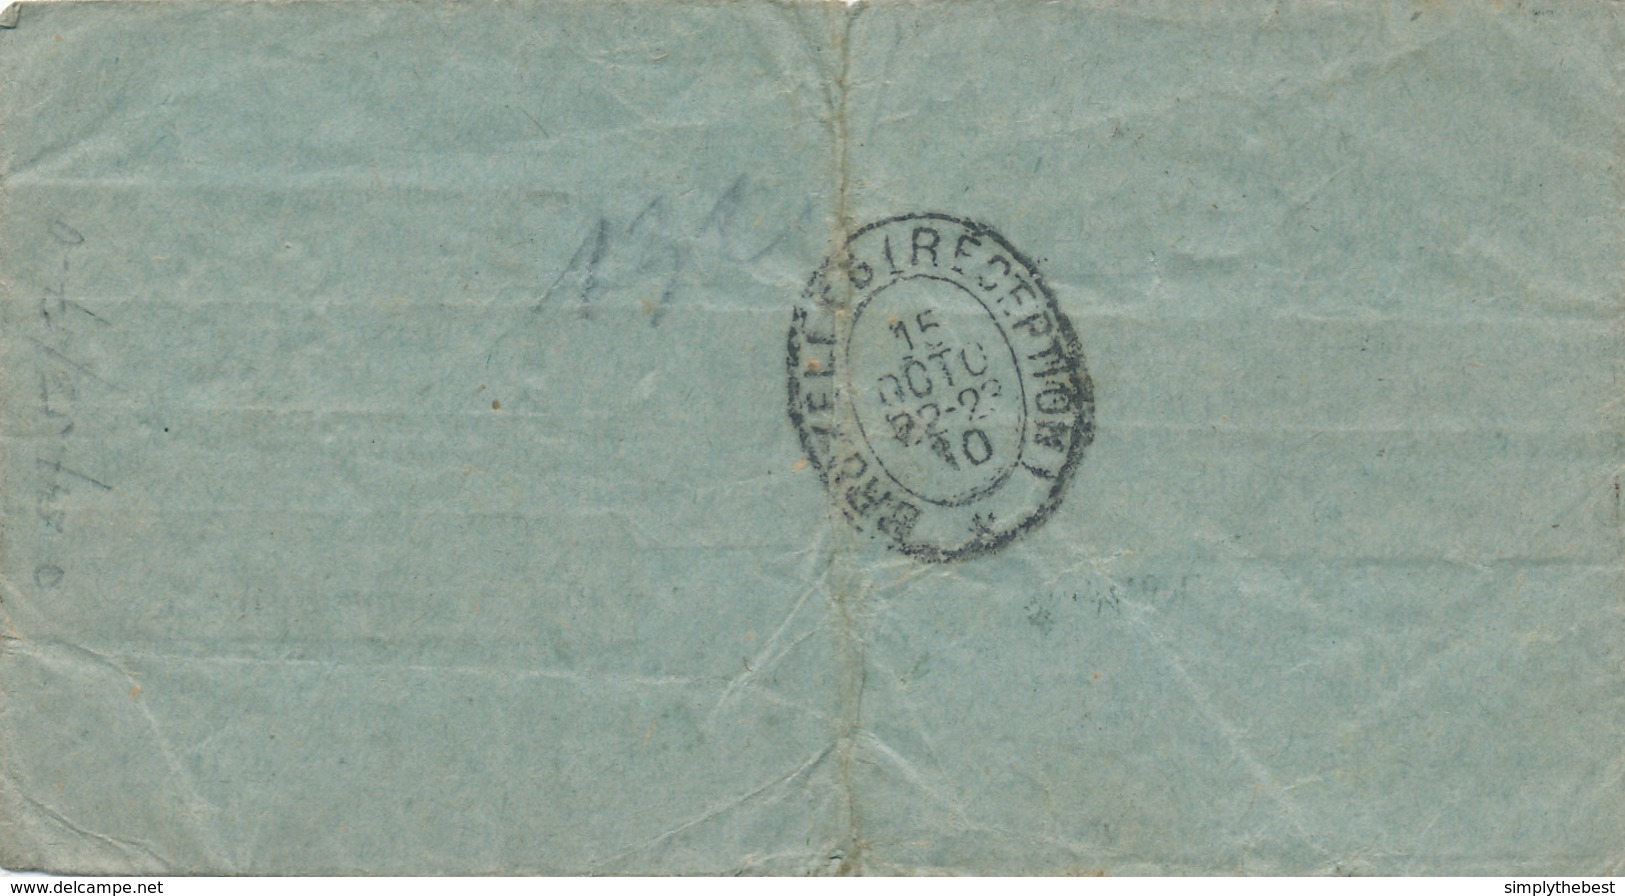 ZZ969 - TELEGRAMME RARE - SFAX Tunisie Vers BRUXELLES Belgique 1910 - Envoyé Par POSTE En Recommandé De LILLE Nord - Telegraaf-en Telefoonzegels